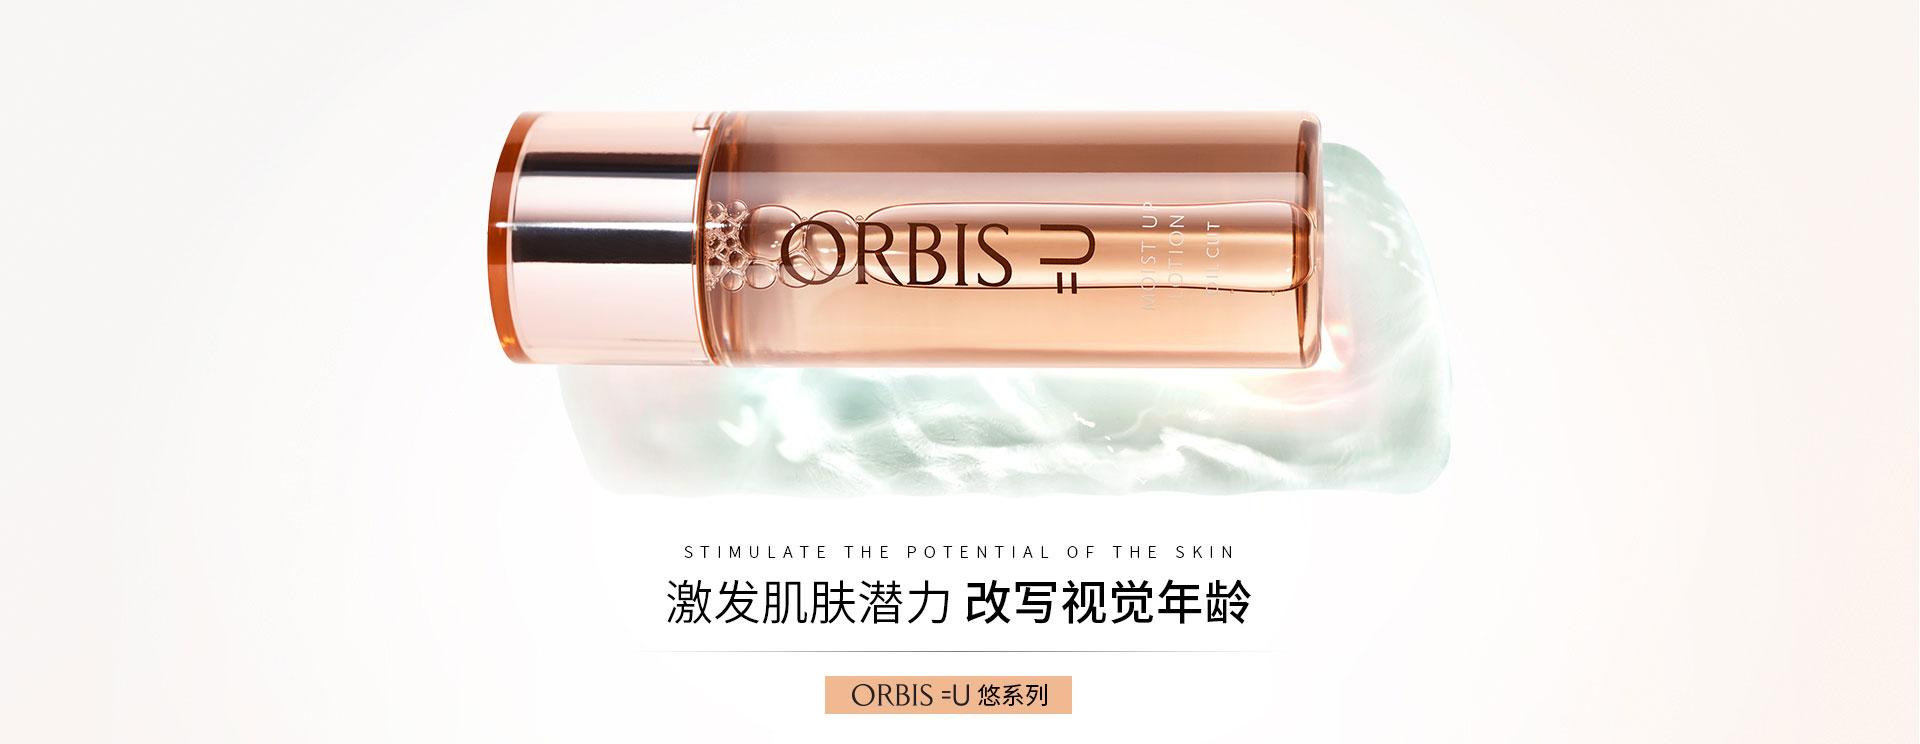 ORBIS=U系列744